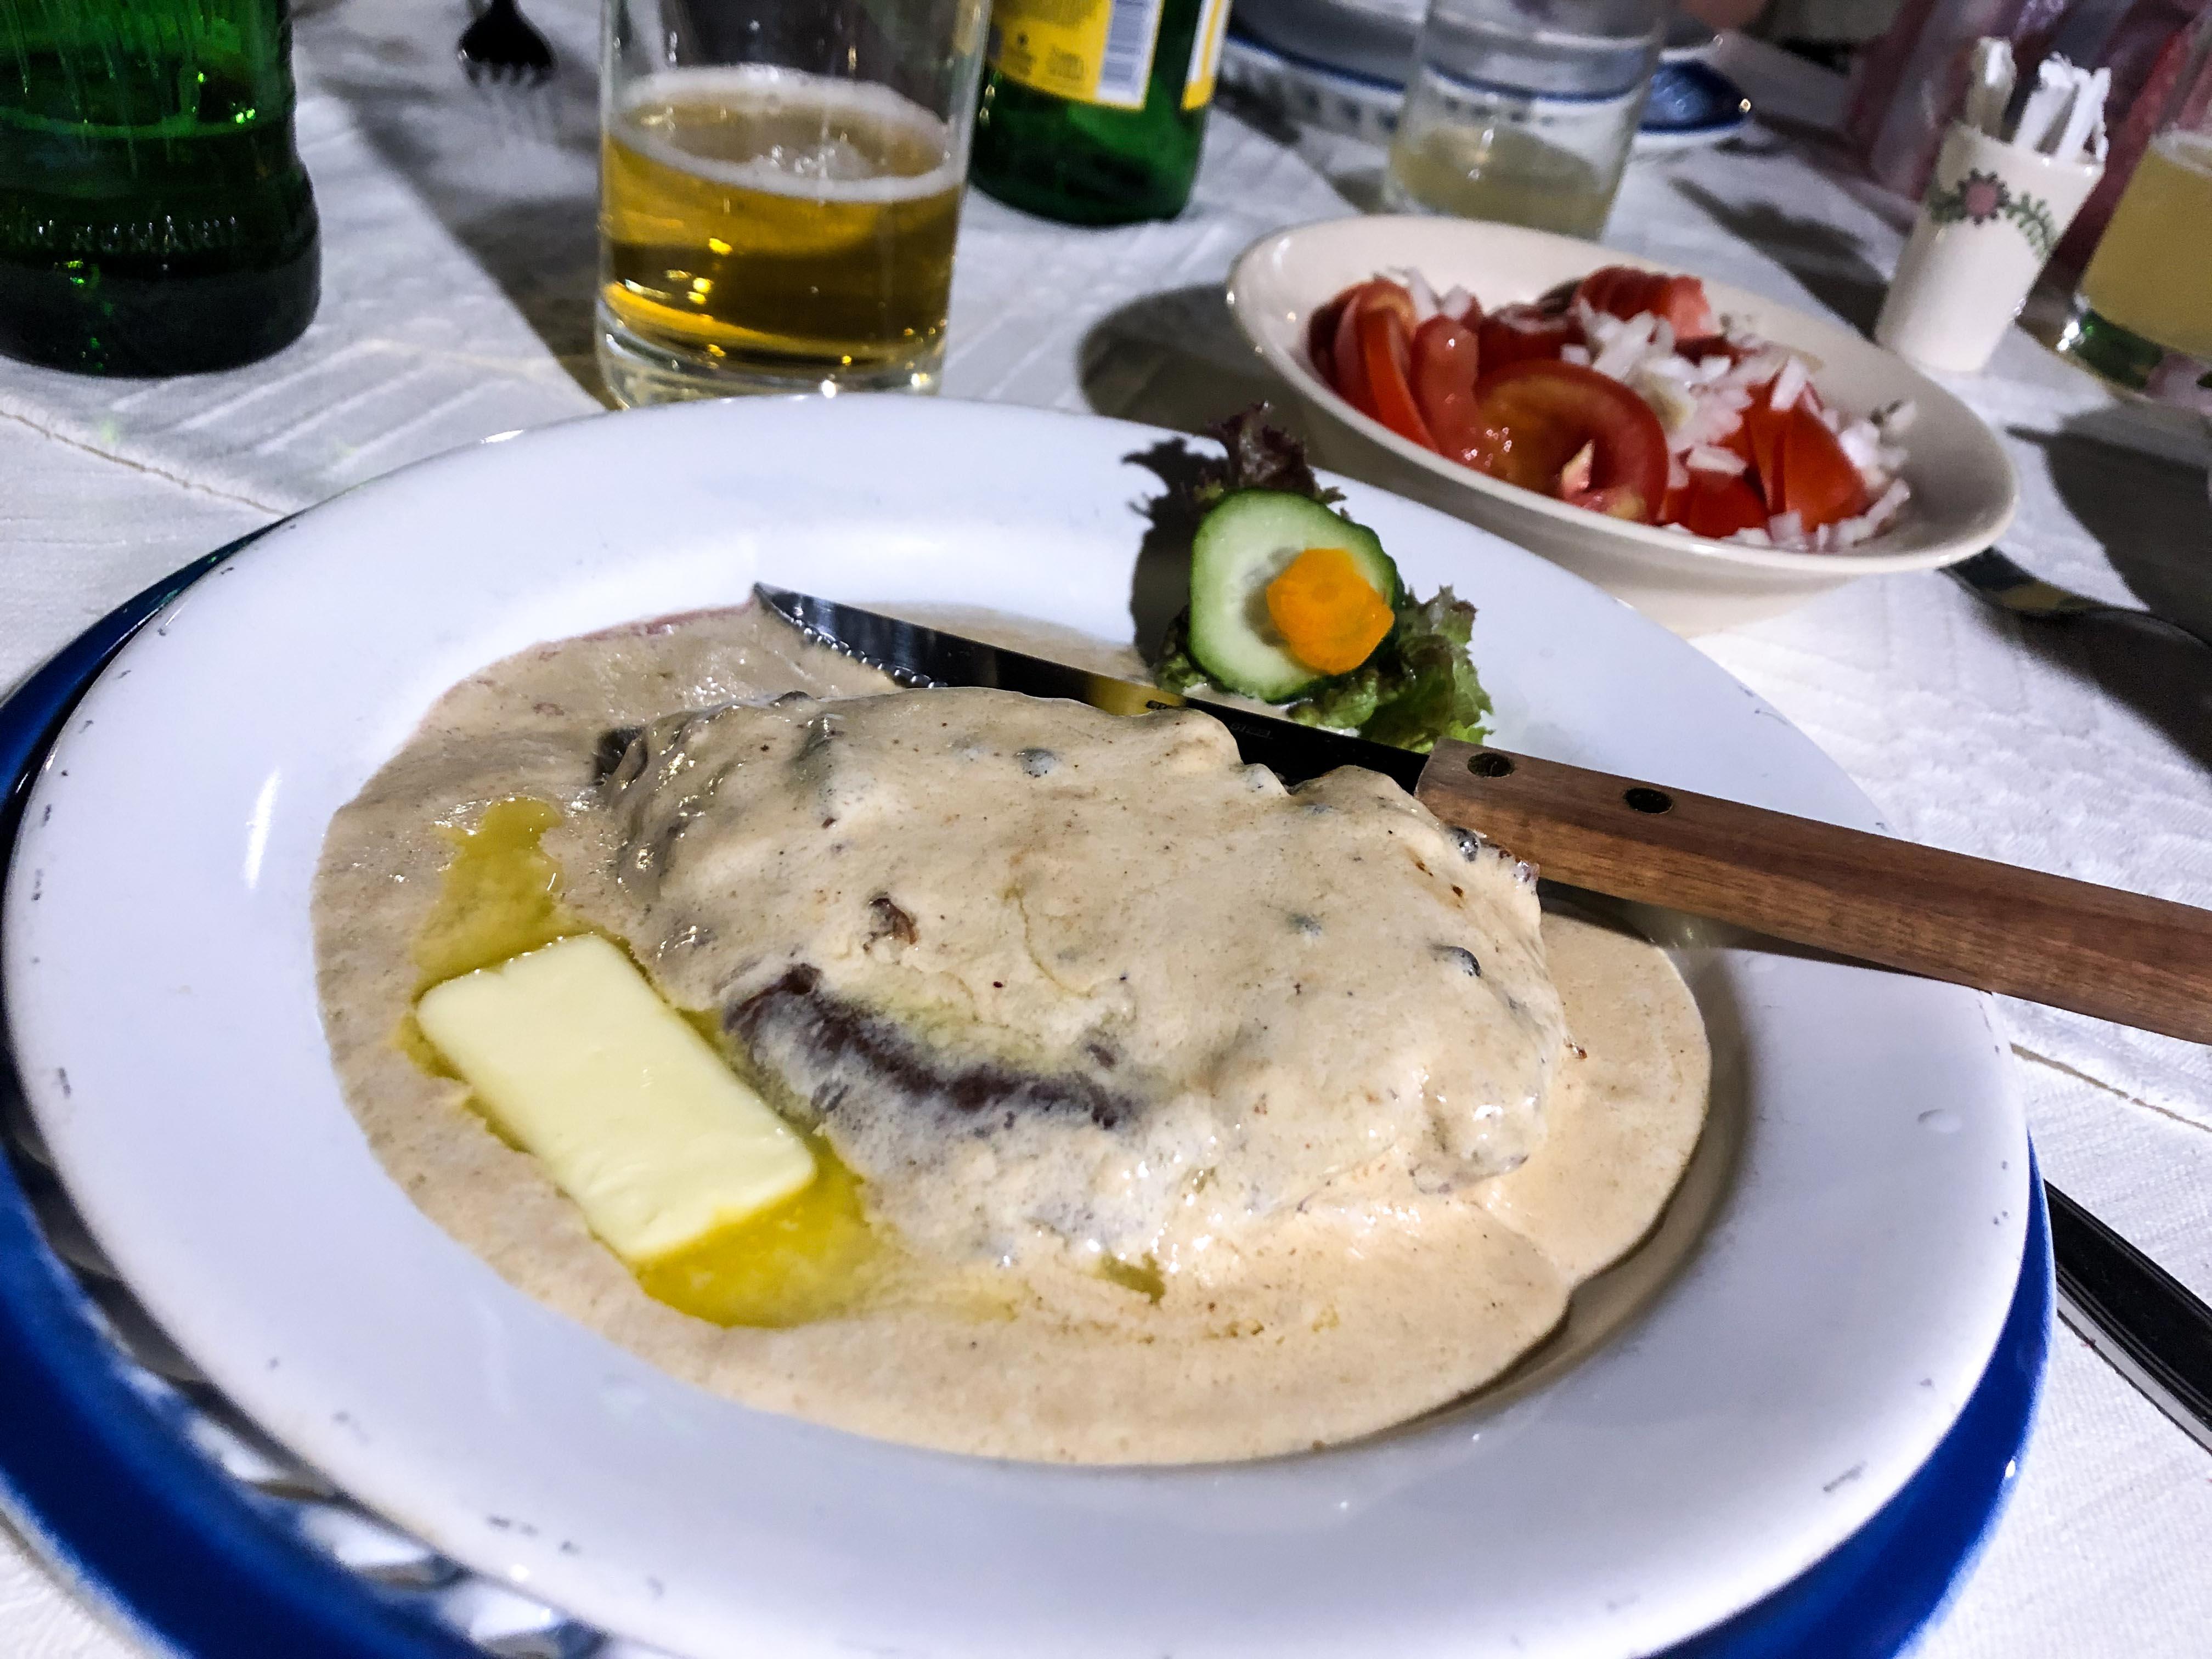 Restaurant Tipps Hermannstadt Sibiu Rumänien Insider Tipps Crama Sibiul Vechi einheimisches Restaurant Rumänische Küche Reiseblog 2